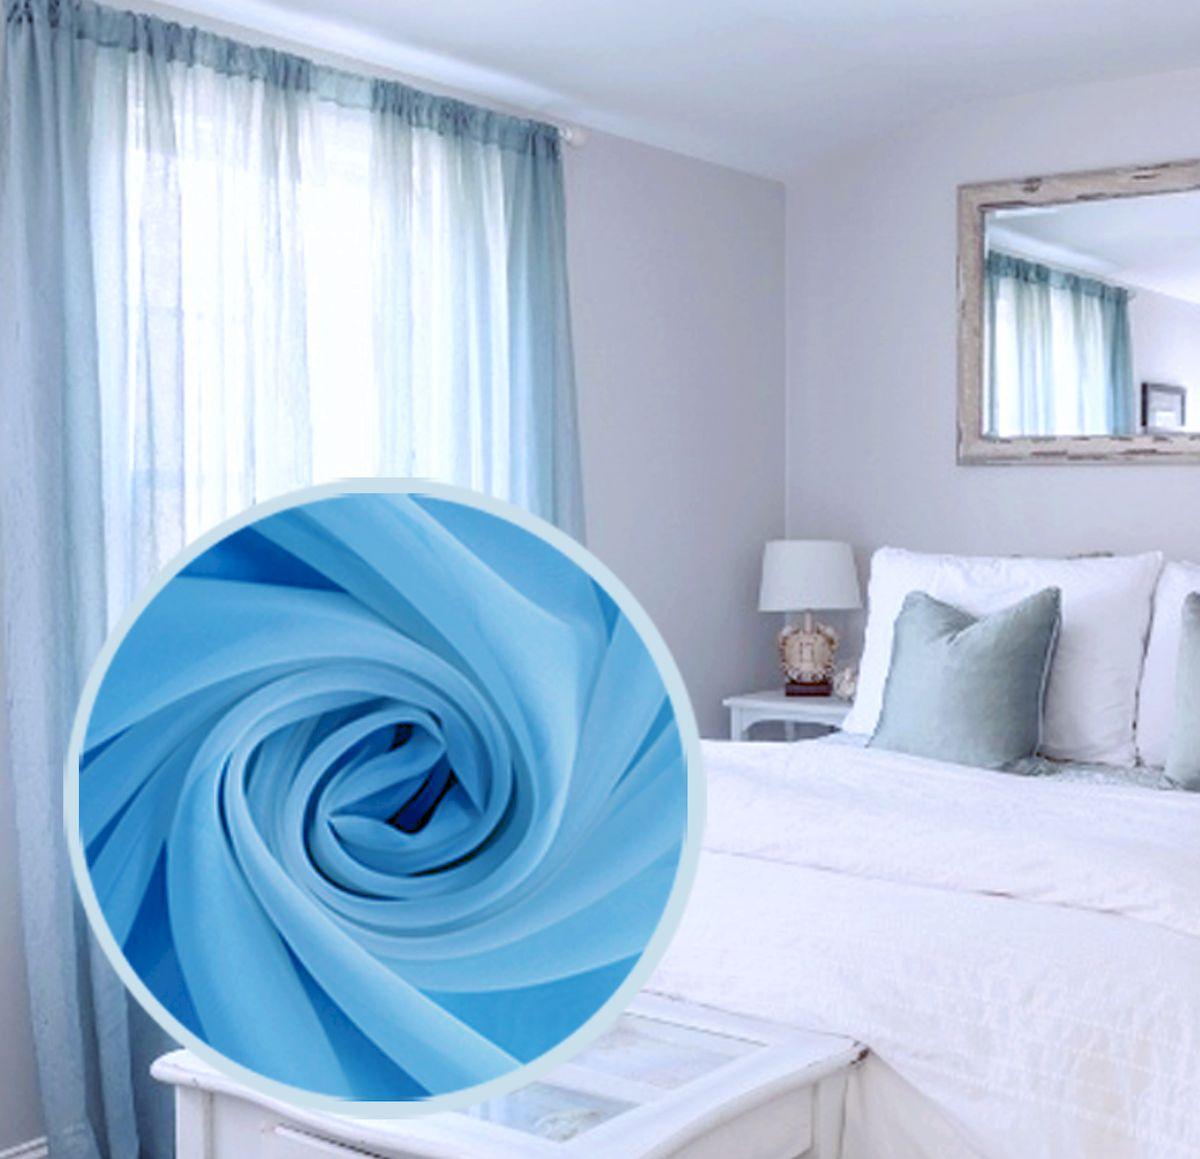 Тюль Amore Mio Однотонный, на ленте, цвет: синий, высота 270 см74652Тюль Amore Mio нежного цвета в классическом однотонном исполнении изготовлен из 100% полиэстера. Воздушная ткань привлечет к себе внимание и идеально оформит интерьер любого помещения. Полиэстер - вид ткани, состоящий из полиэфирных волокон. Ткани из полиэстера легкие, прочные и износостойкие. Такие изделия не требуют специального ухода, не пылятся и почти не мнутся.Крепление к карнизу осуществляется при помощи вшитой шторной ленты.